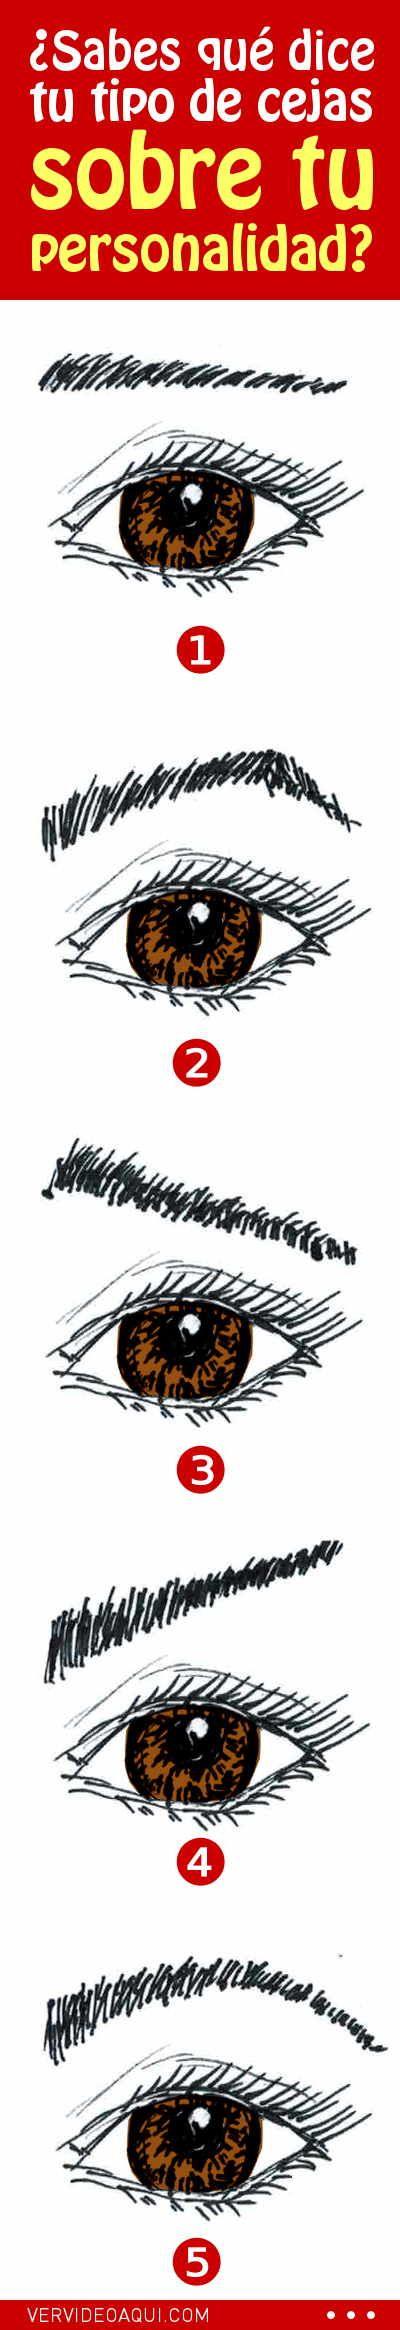 ¿Sabes qué dice tu tipo de cejas sobre tu personalidad? #personalidad #humano #cejas #mujer #curiosidades